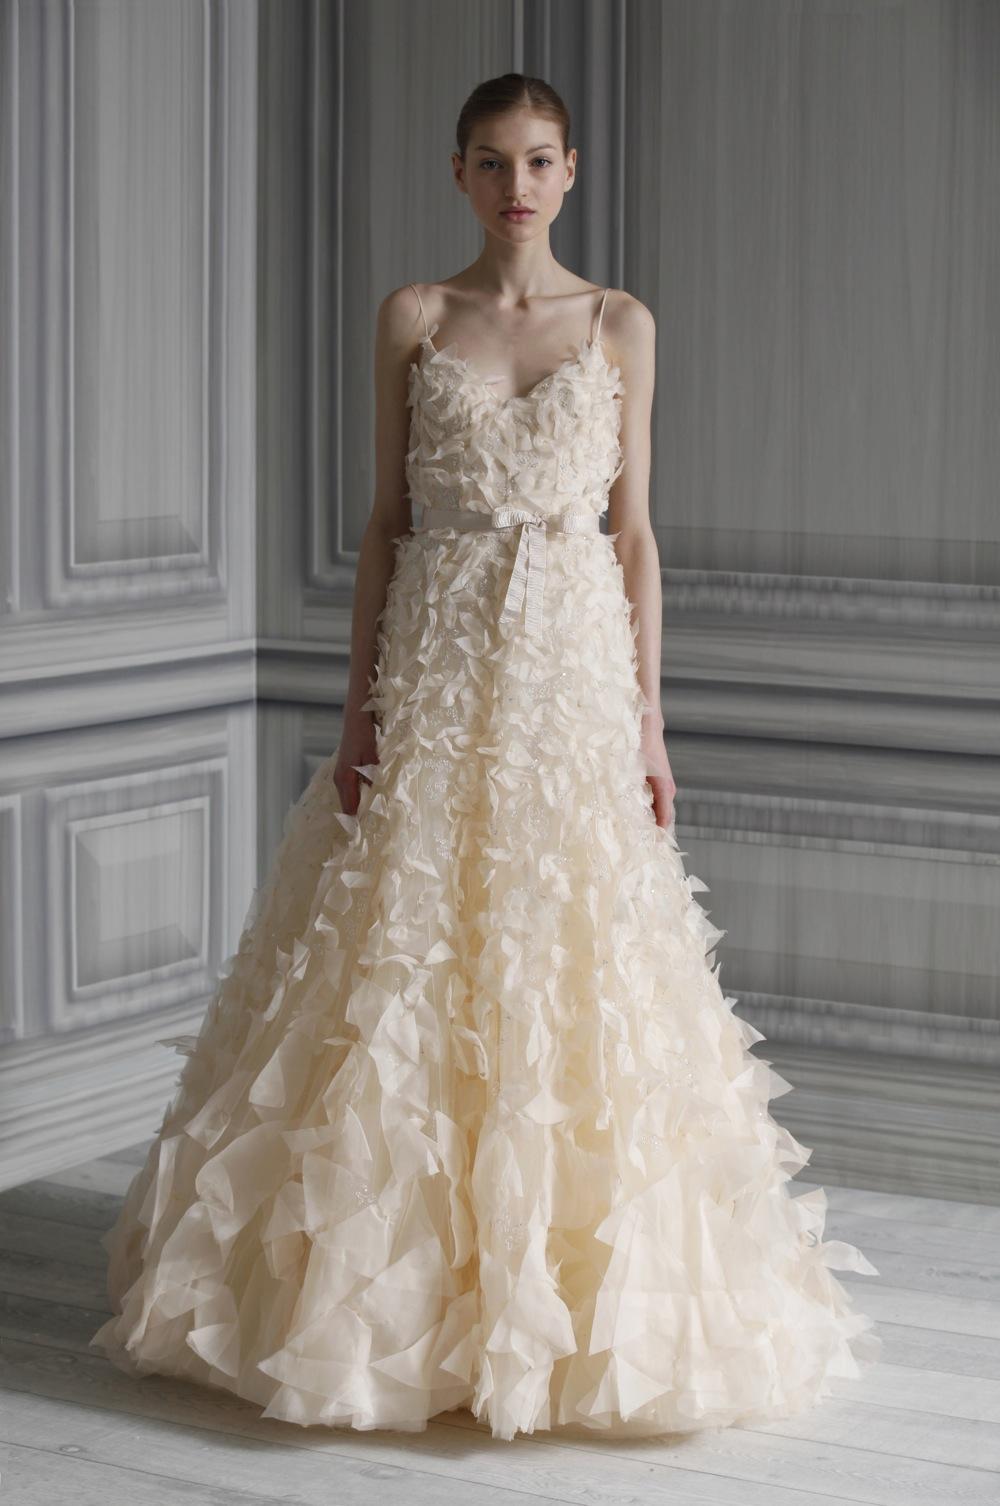 Monique Lhuillier Wedding Dresses Prices - Amore Wedding Dresses